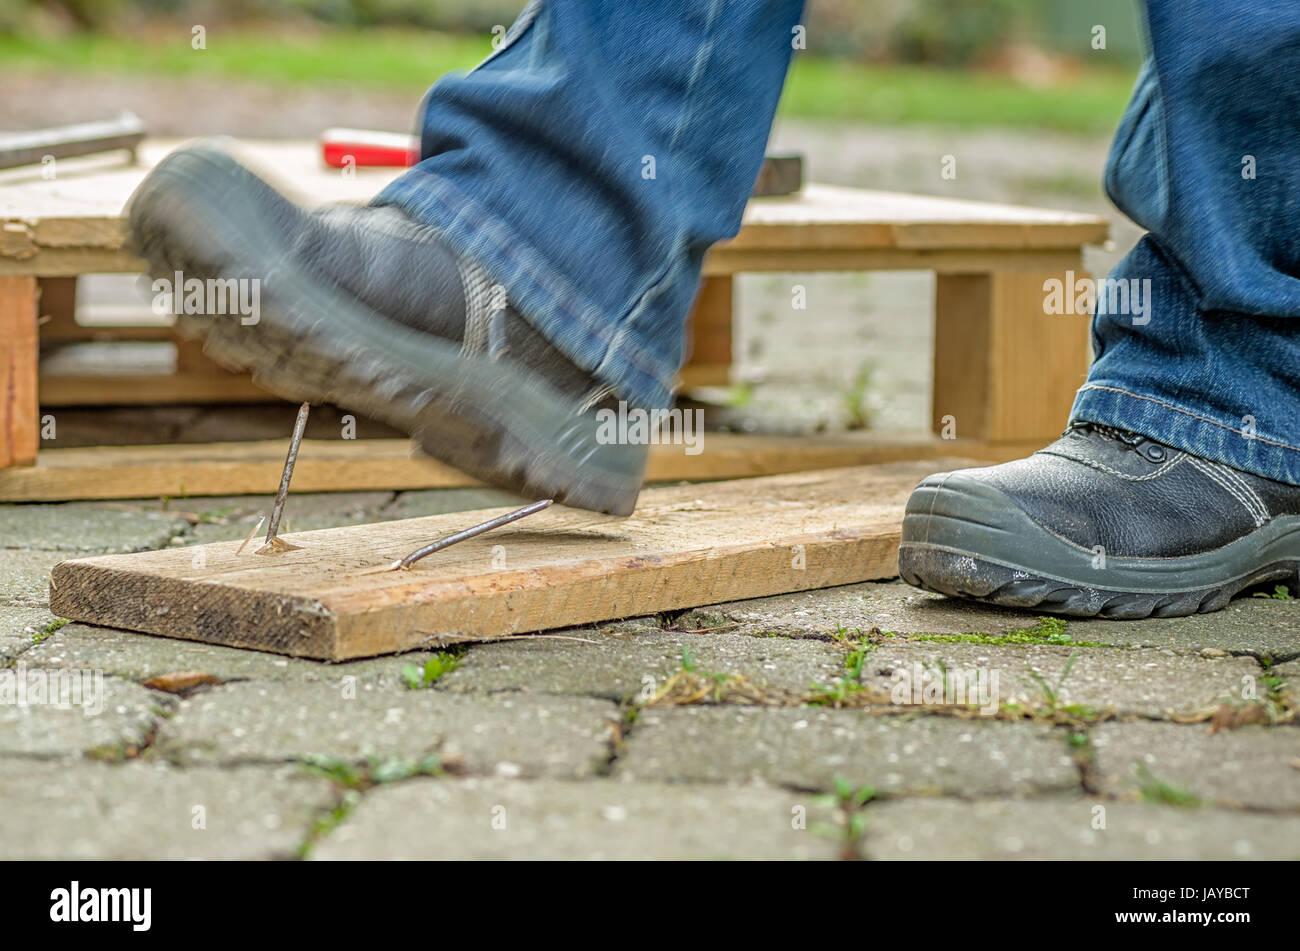 Arbeiter mit Sicherheitsschuhen tritt in einen Nagel Stock Photo